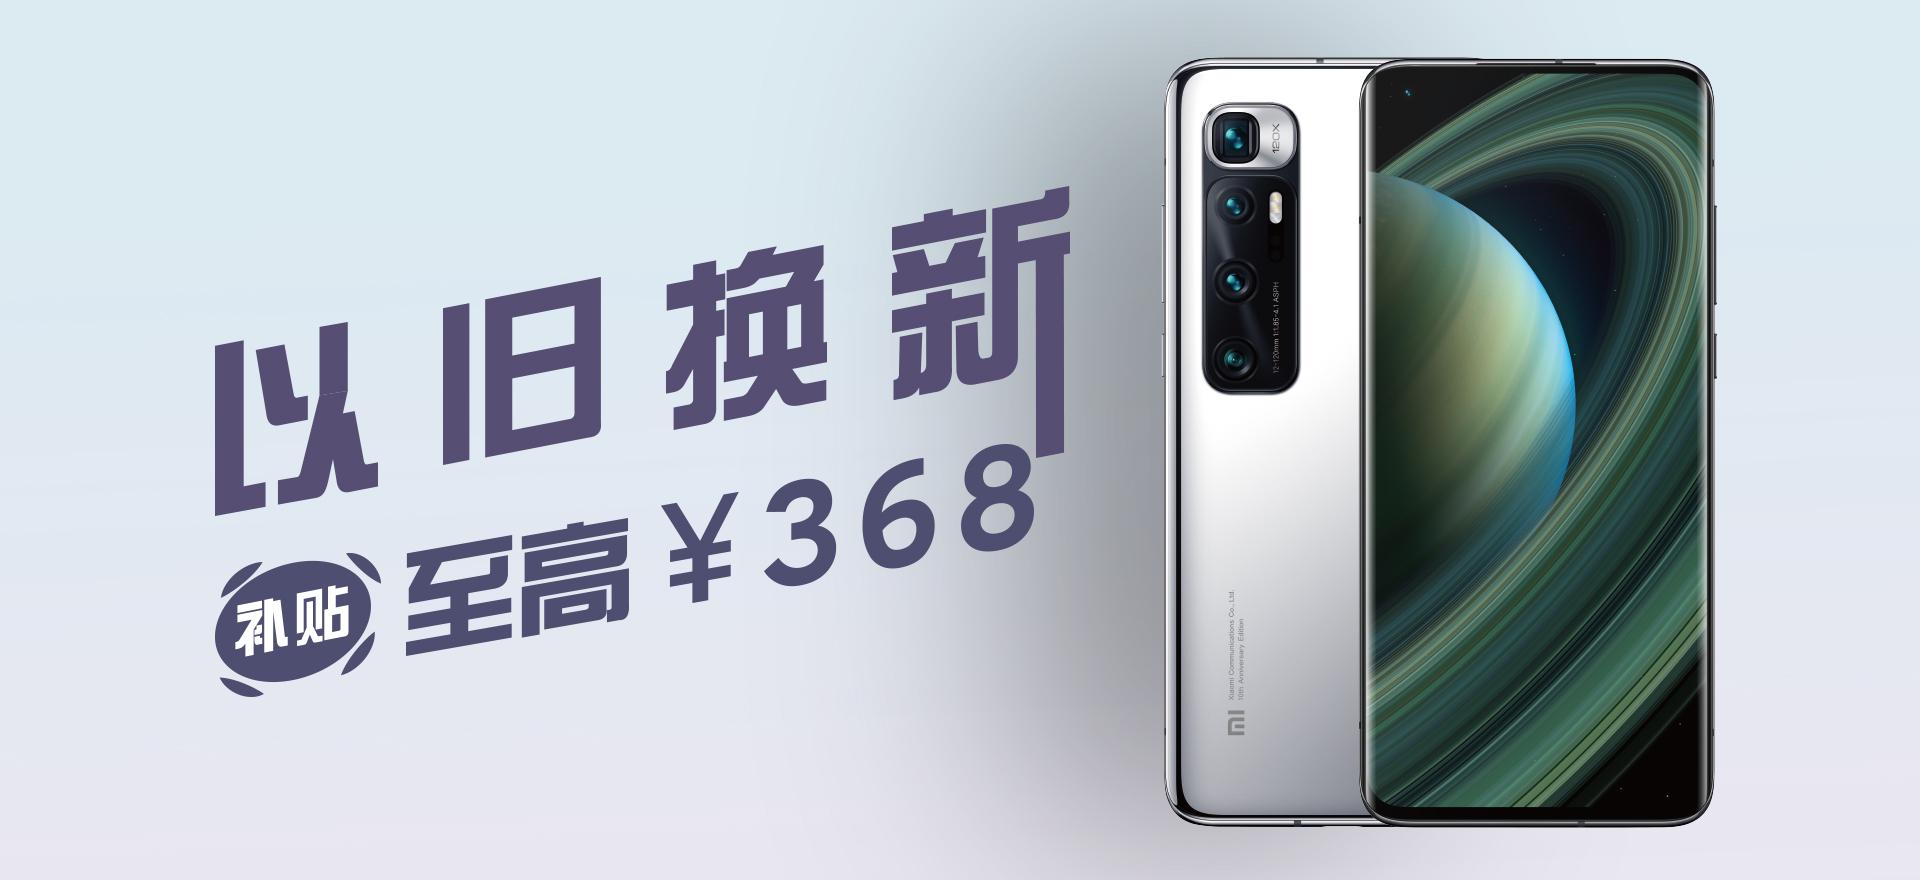 1221小米新banner